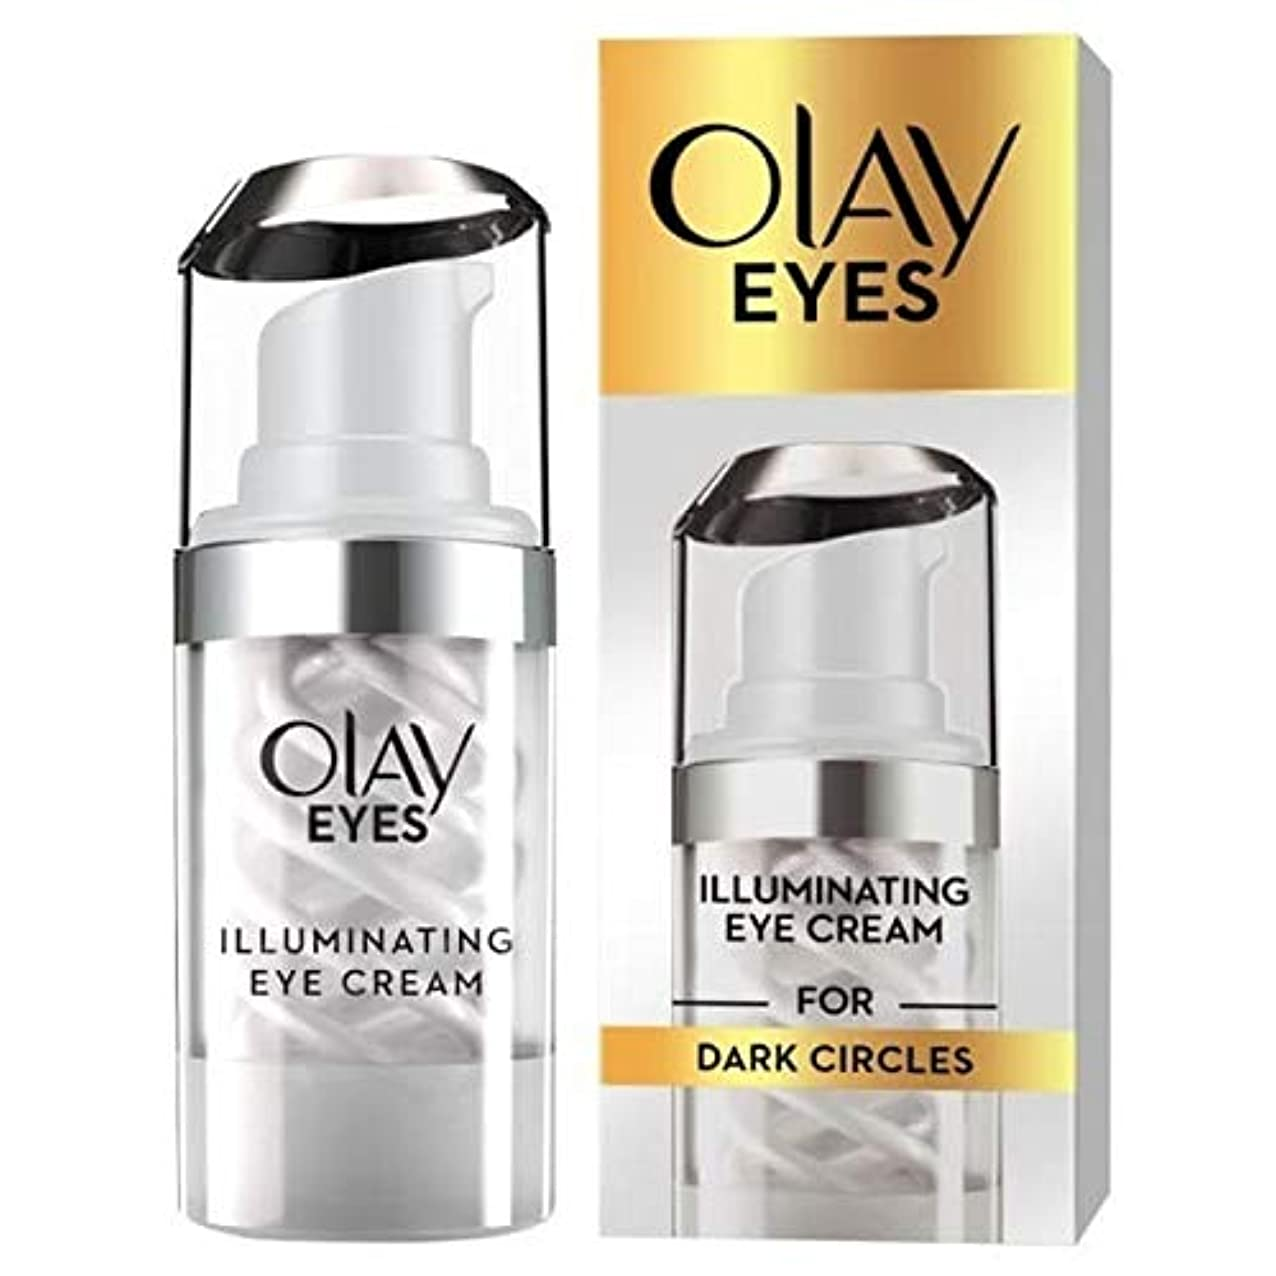 体現するベッドある[Olay] アイクリーム15ミリリットルを照らすオーレイ目 - Olay Eyes Illuminating Eye Cream 15Ml [並行輸入品]